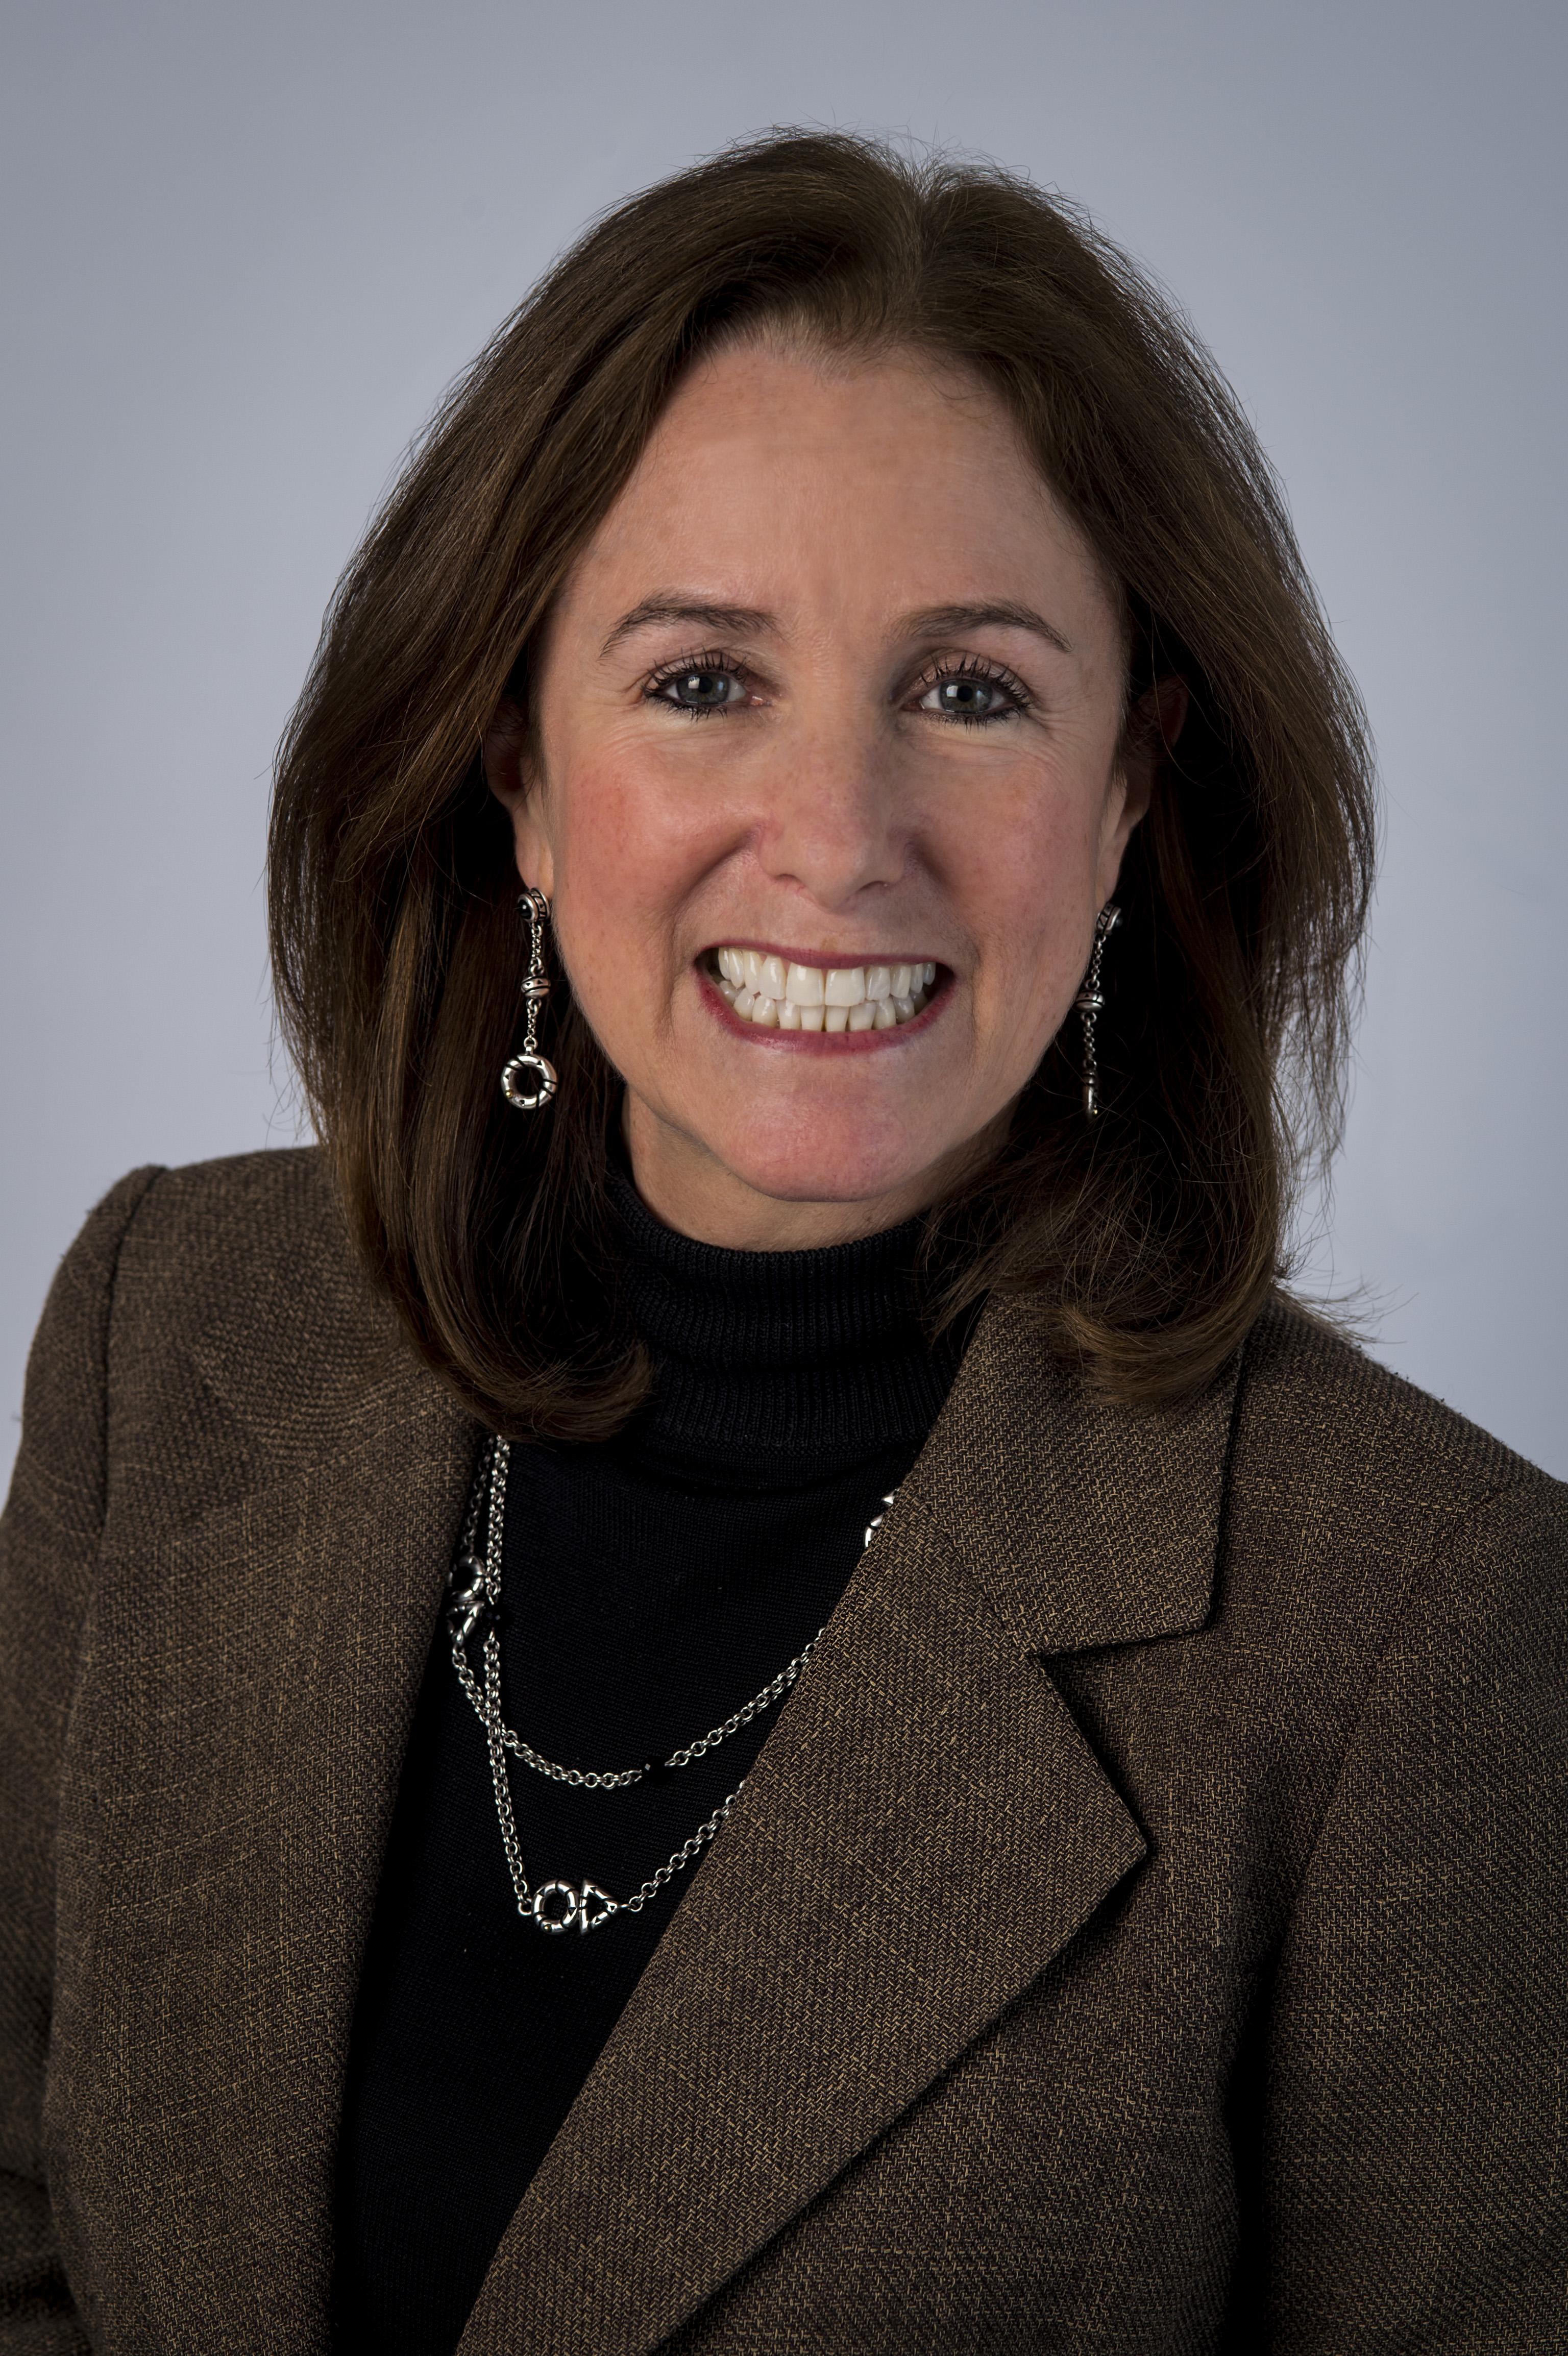 Lisa Piccione